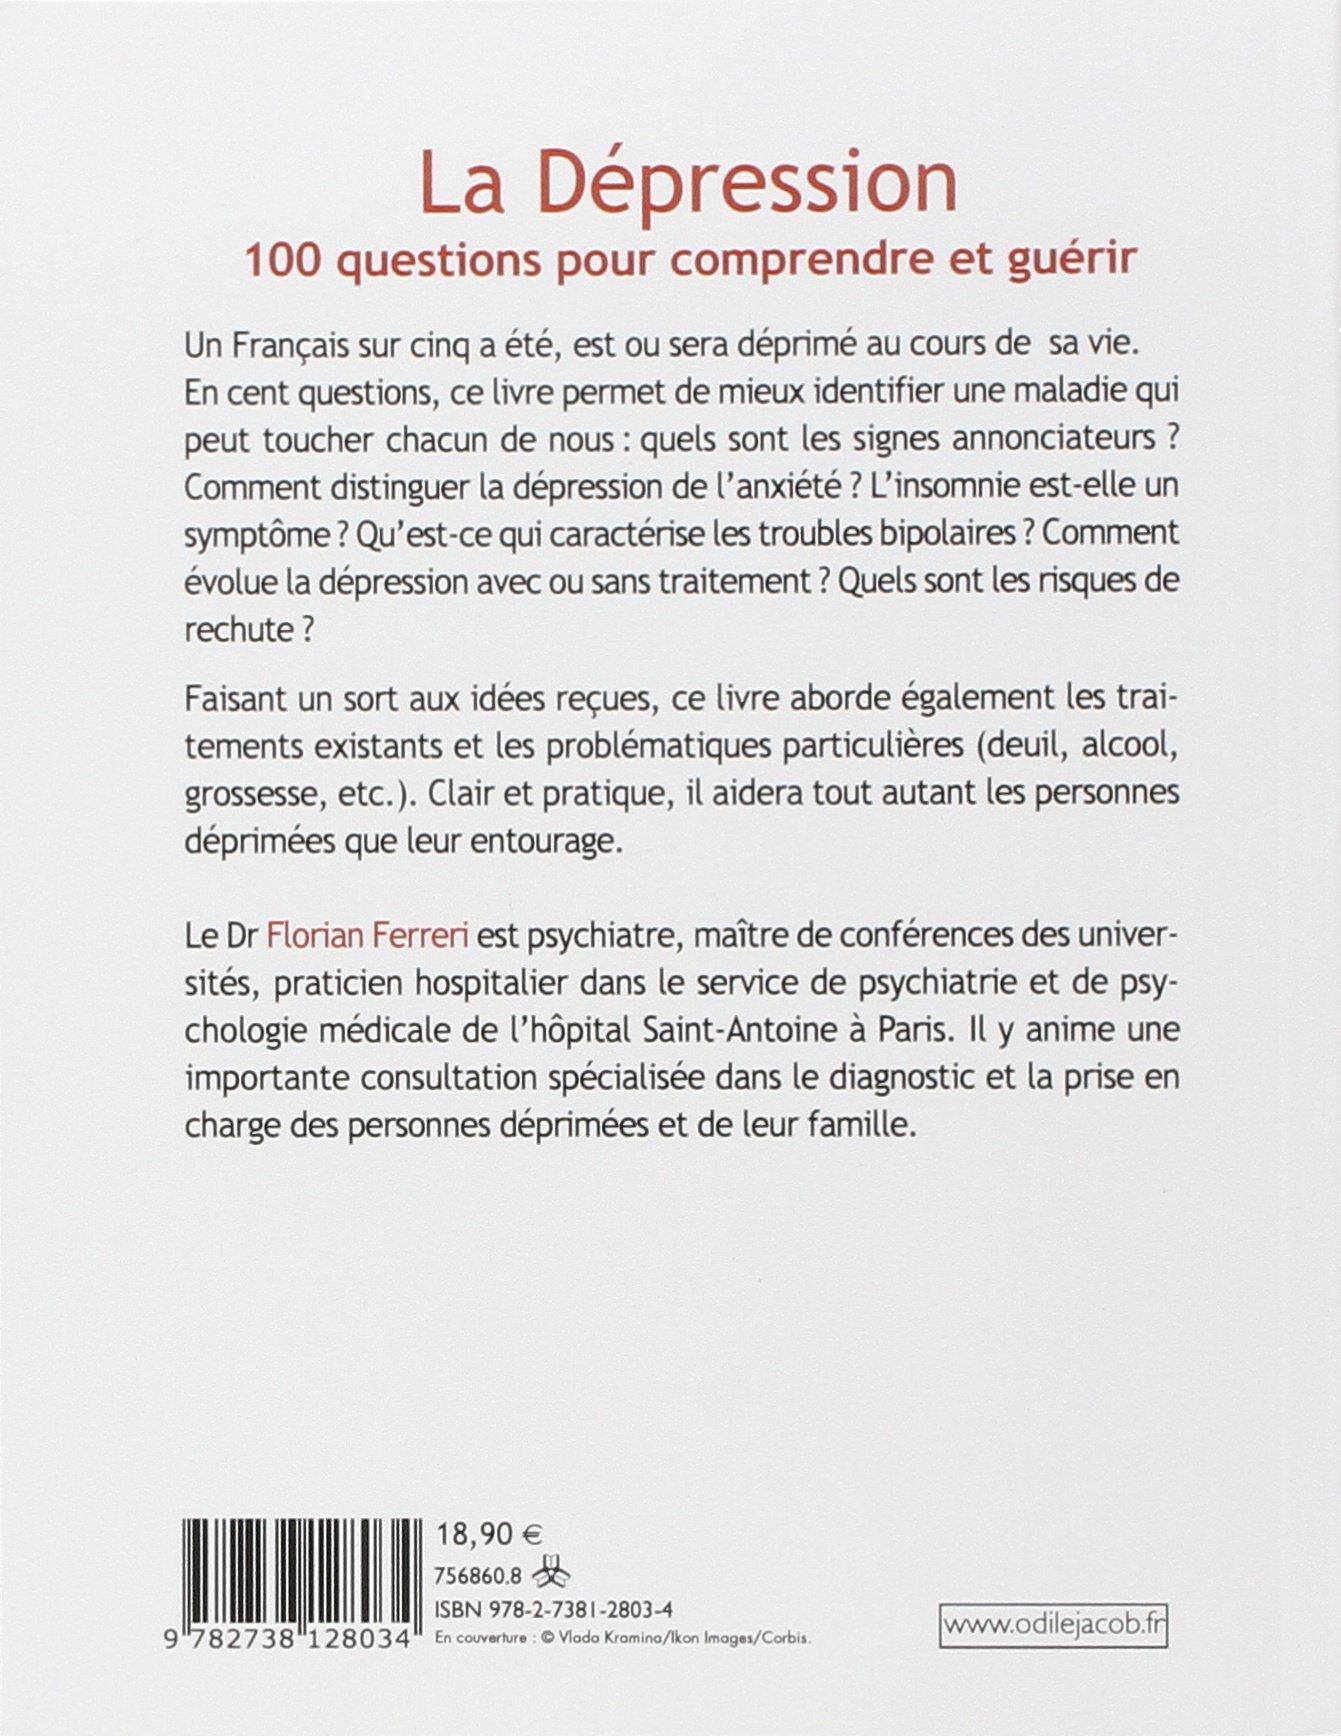 Amazon.fr - La Dépression: 100 questions pour comprendre et guérir -  Florian Ferreri - Livres